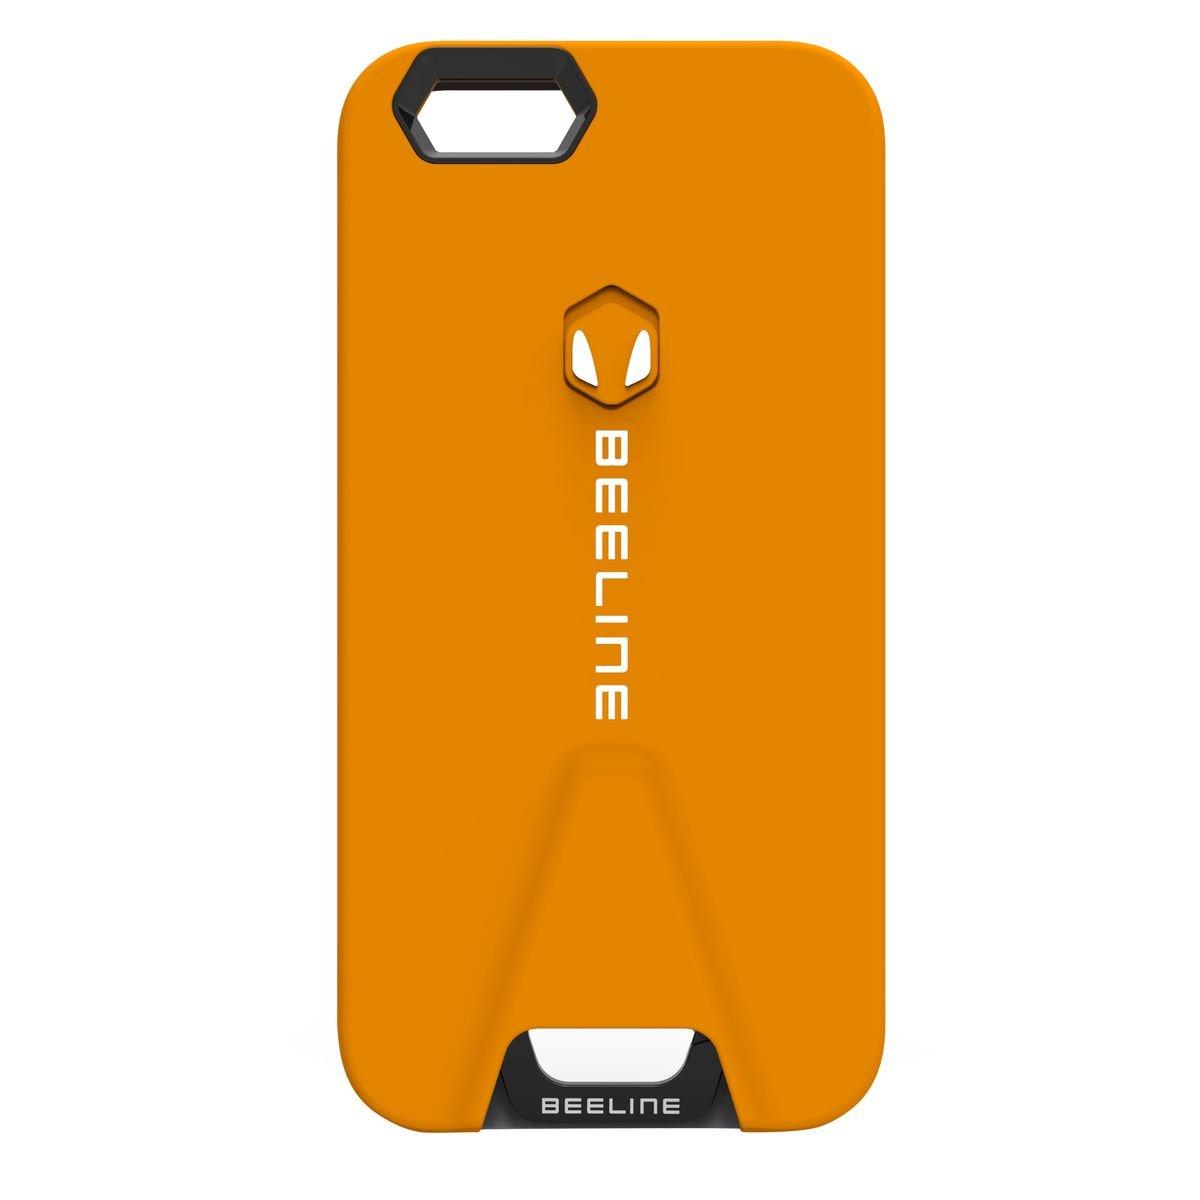 2019最新のスタイル Beeline Beeline Droneアウトドアアクティビティ保護ケースfor iPhone 6タンジェリン 6タンジェリン B06XHZ8VF3 B06XHZ8VF3, 石の里 SiN:f159beb3 --- albertlynchs.com